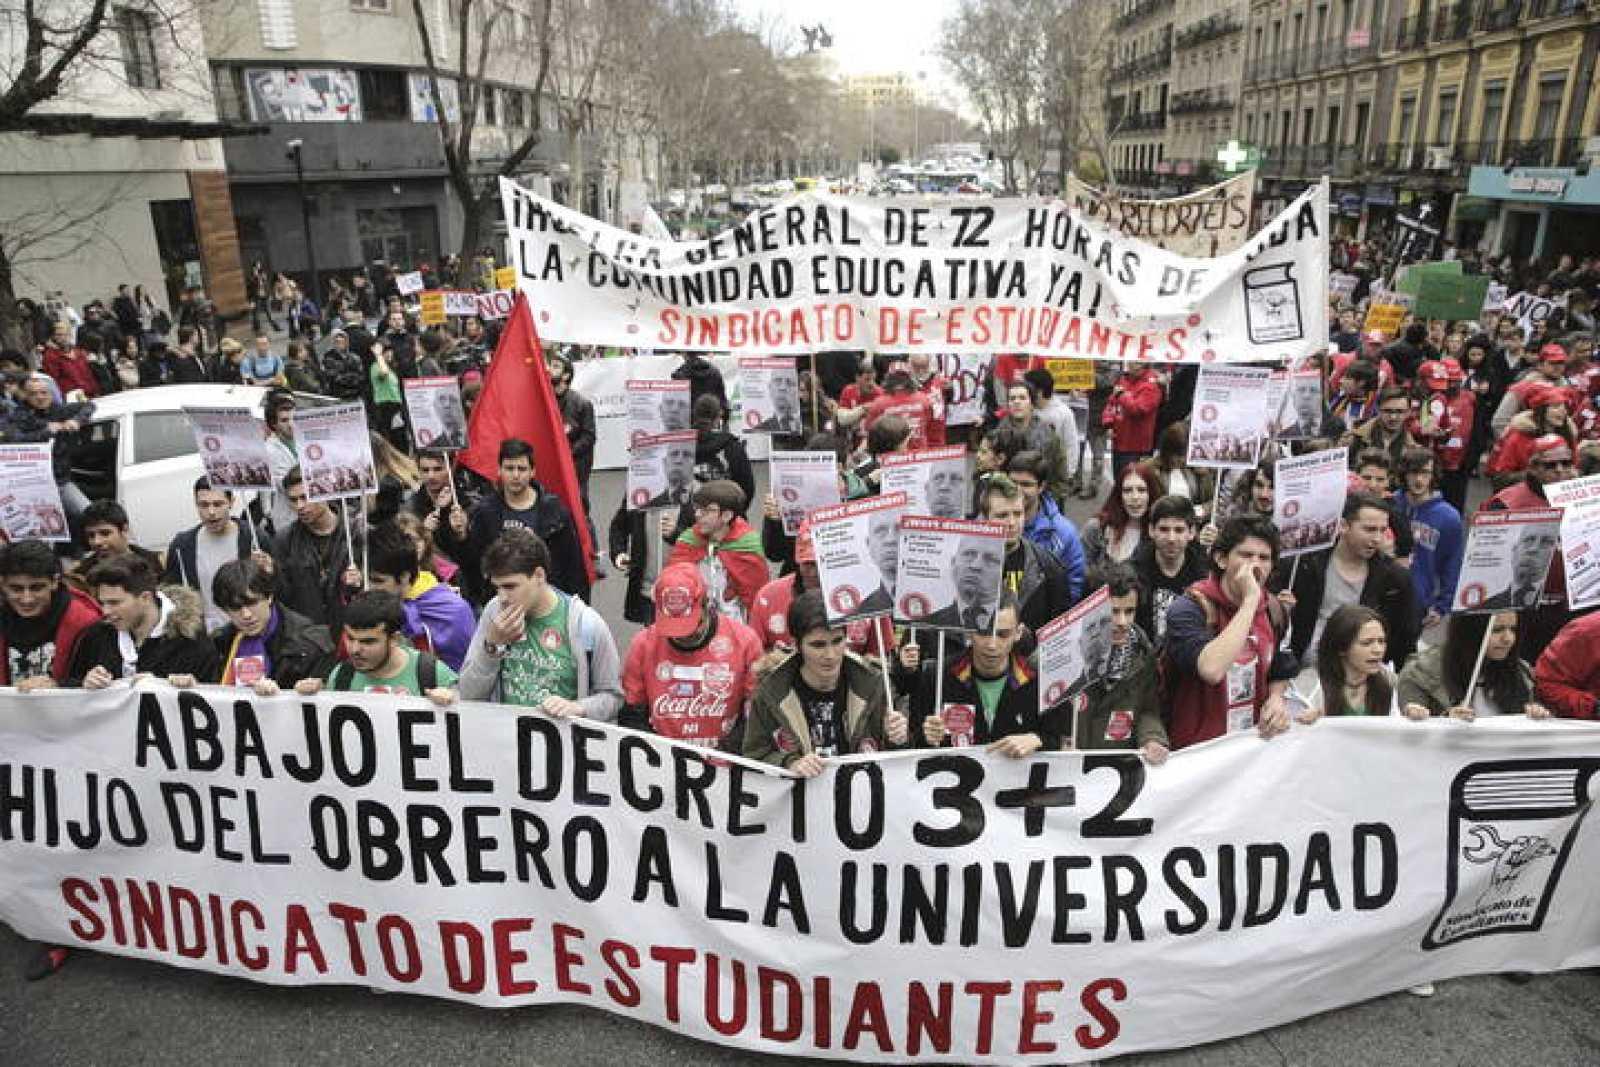 """LOS ESTUDIANTES SE MANIFIESTAN EN MADRID BAJO EL LEMA """"ABAJO EL DECRETO 3+2"""""""